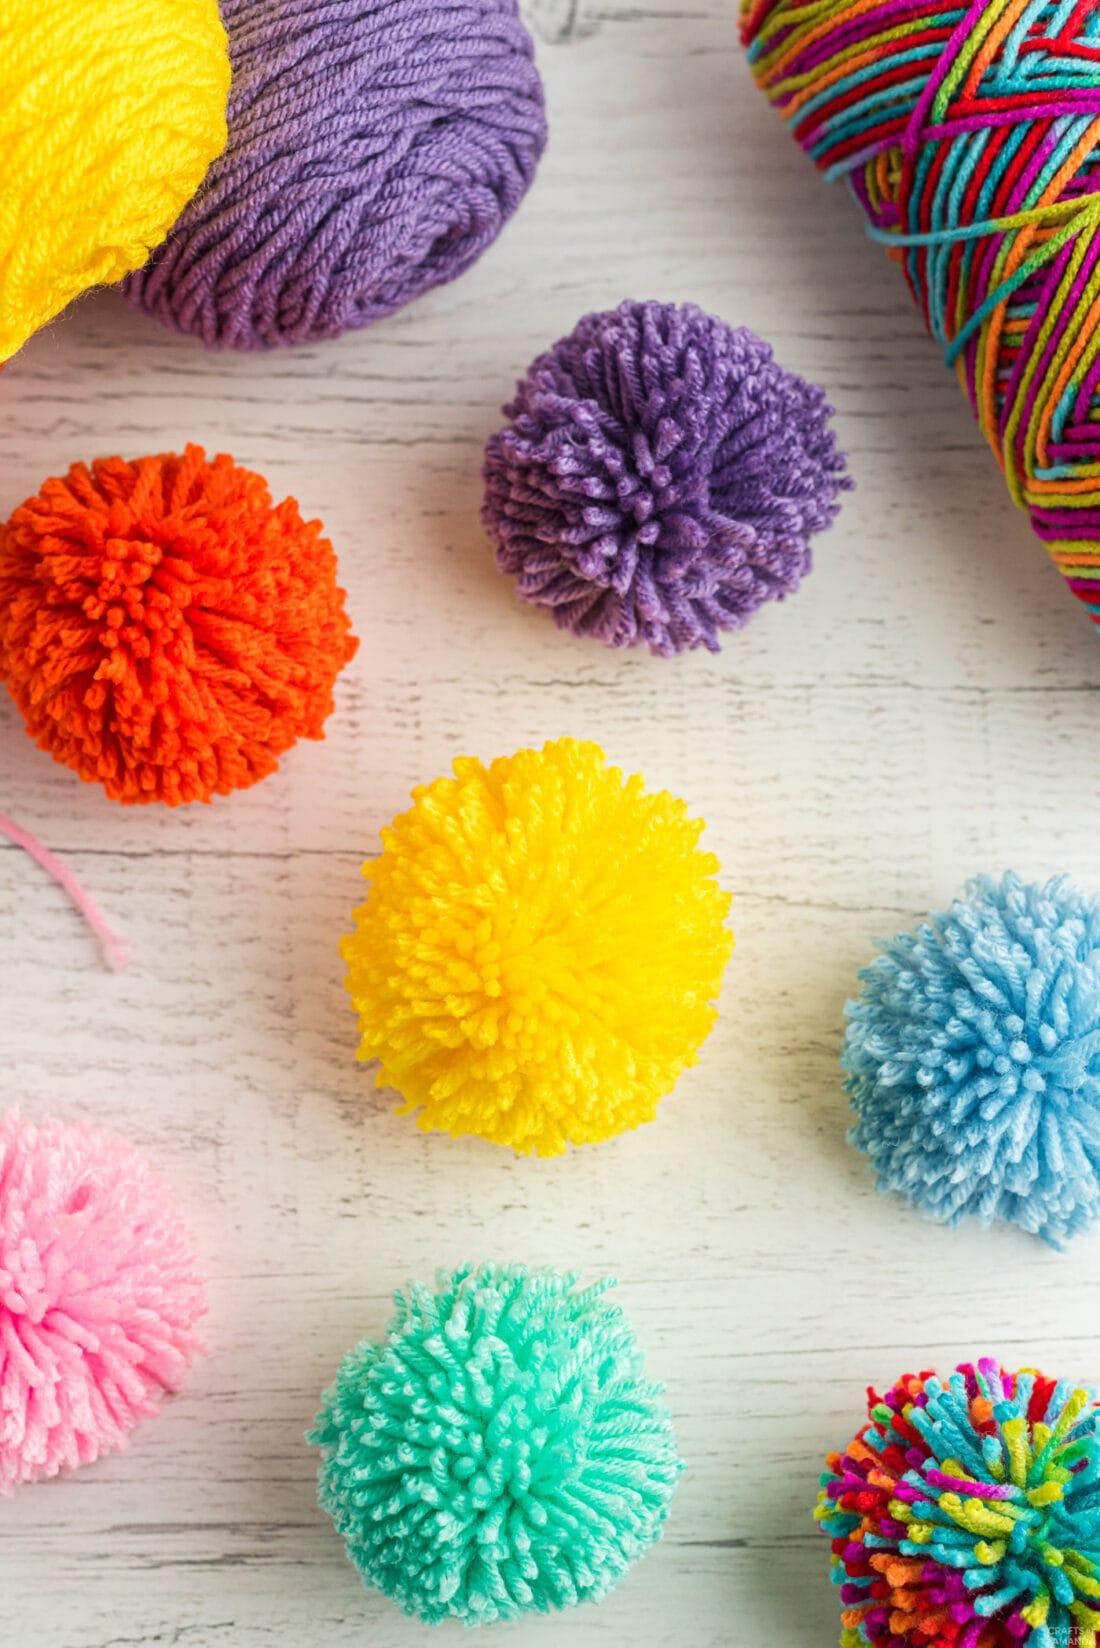 colorful yarn pom poms